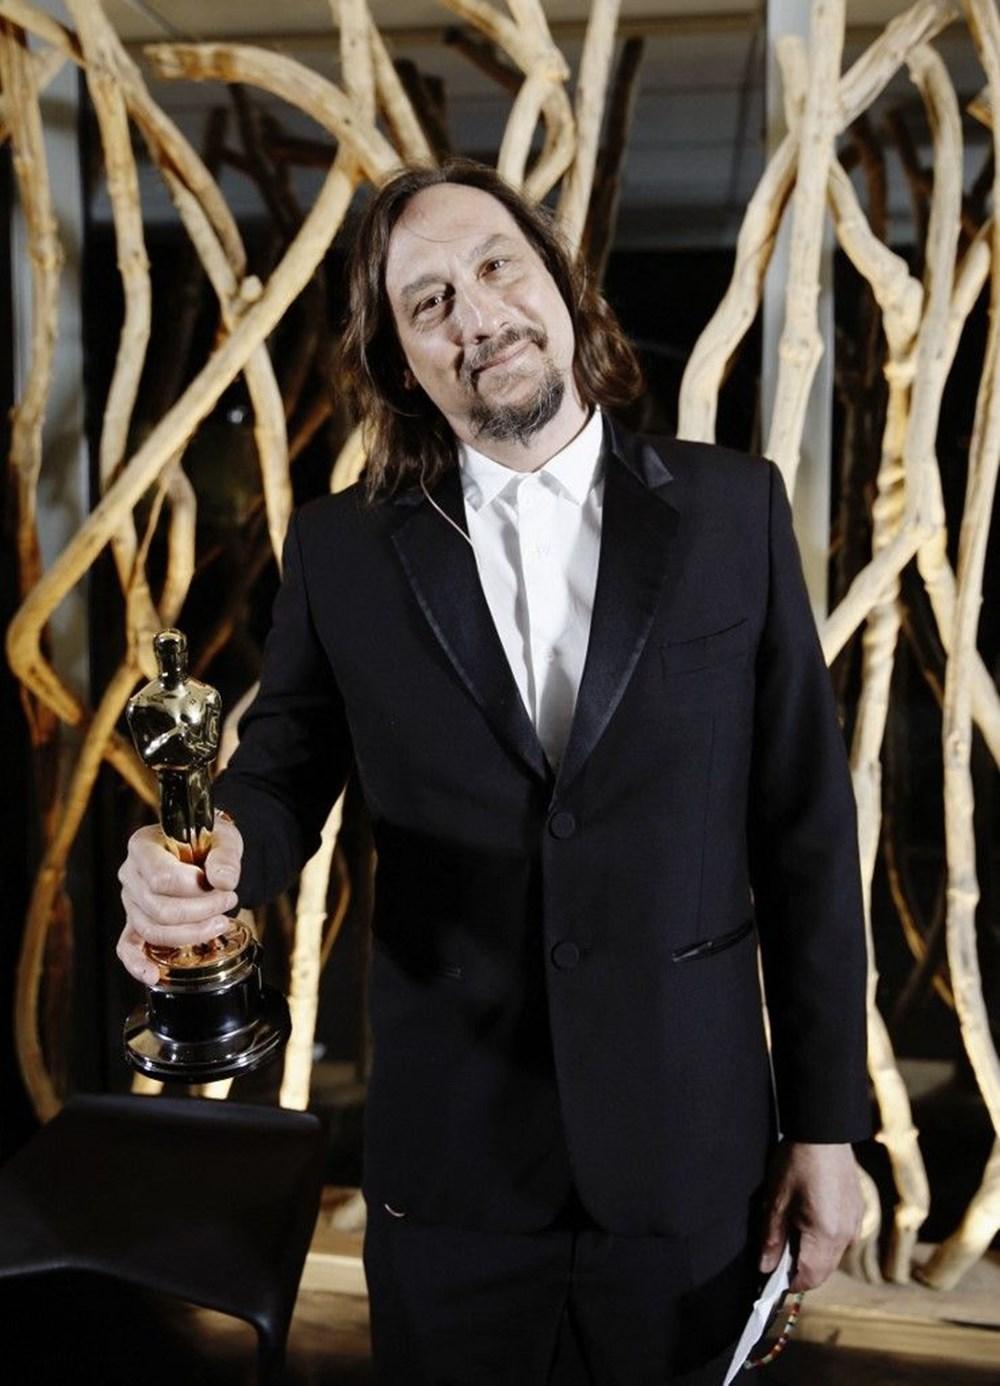 93. Oscar Ödülleri'ni kazananlar belli oldu (2021 Oscar Ödülleri'nin tam listesi) - 12